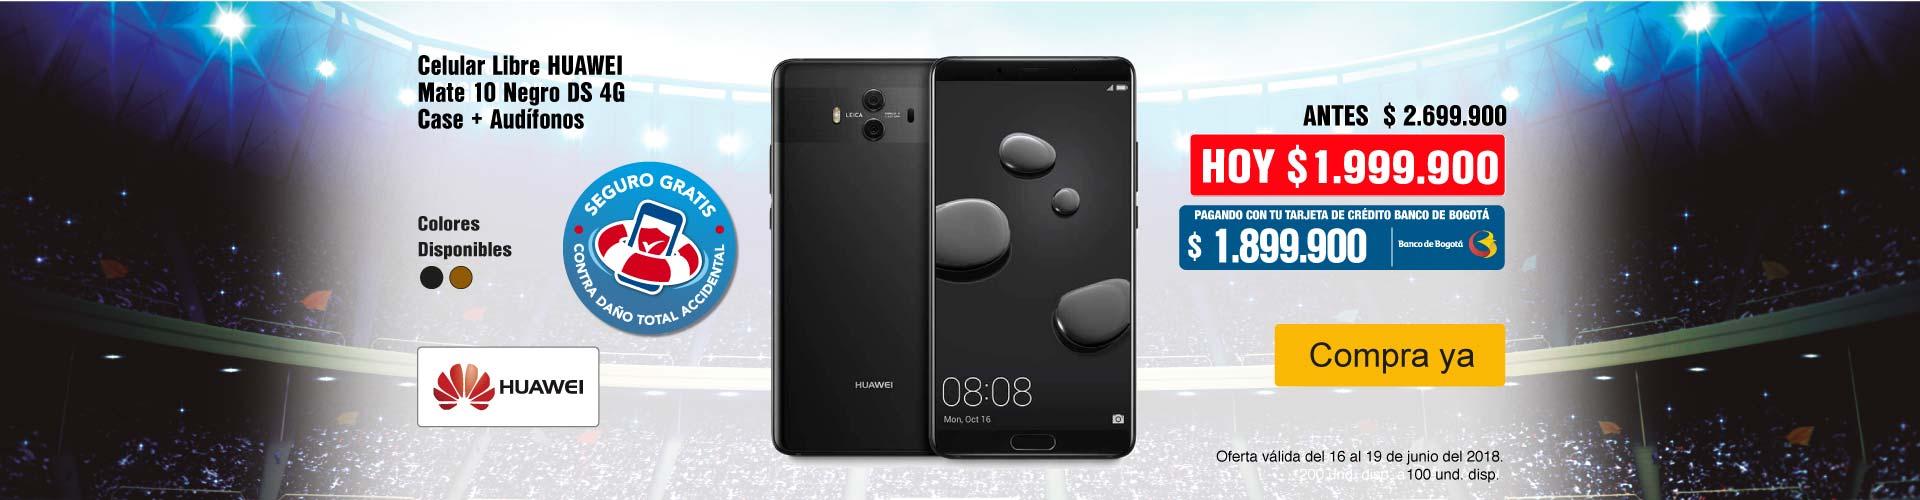 KT-PPAL-2-celulares-PP---Huawei-Mate-10-Jun16